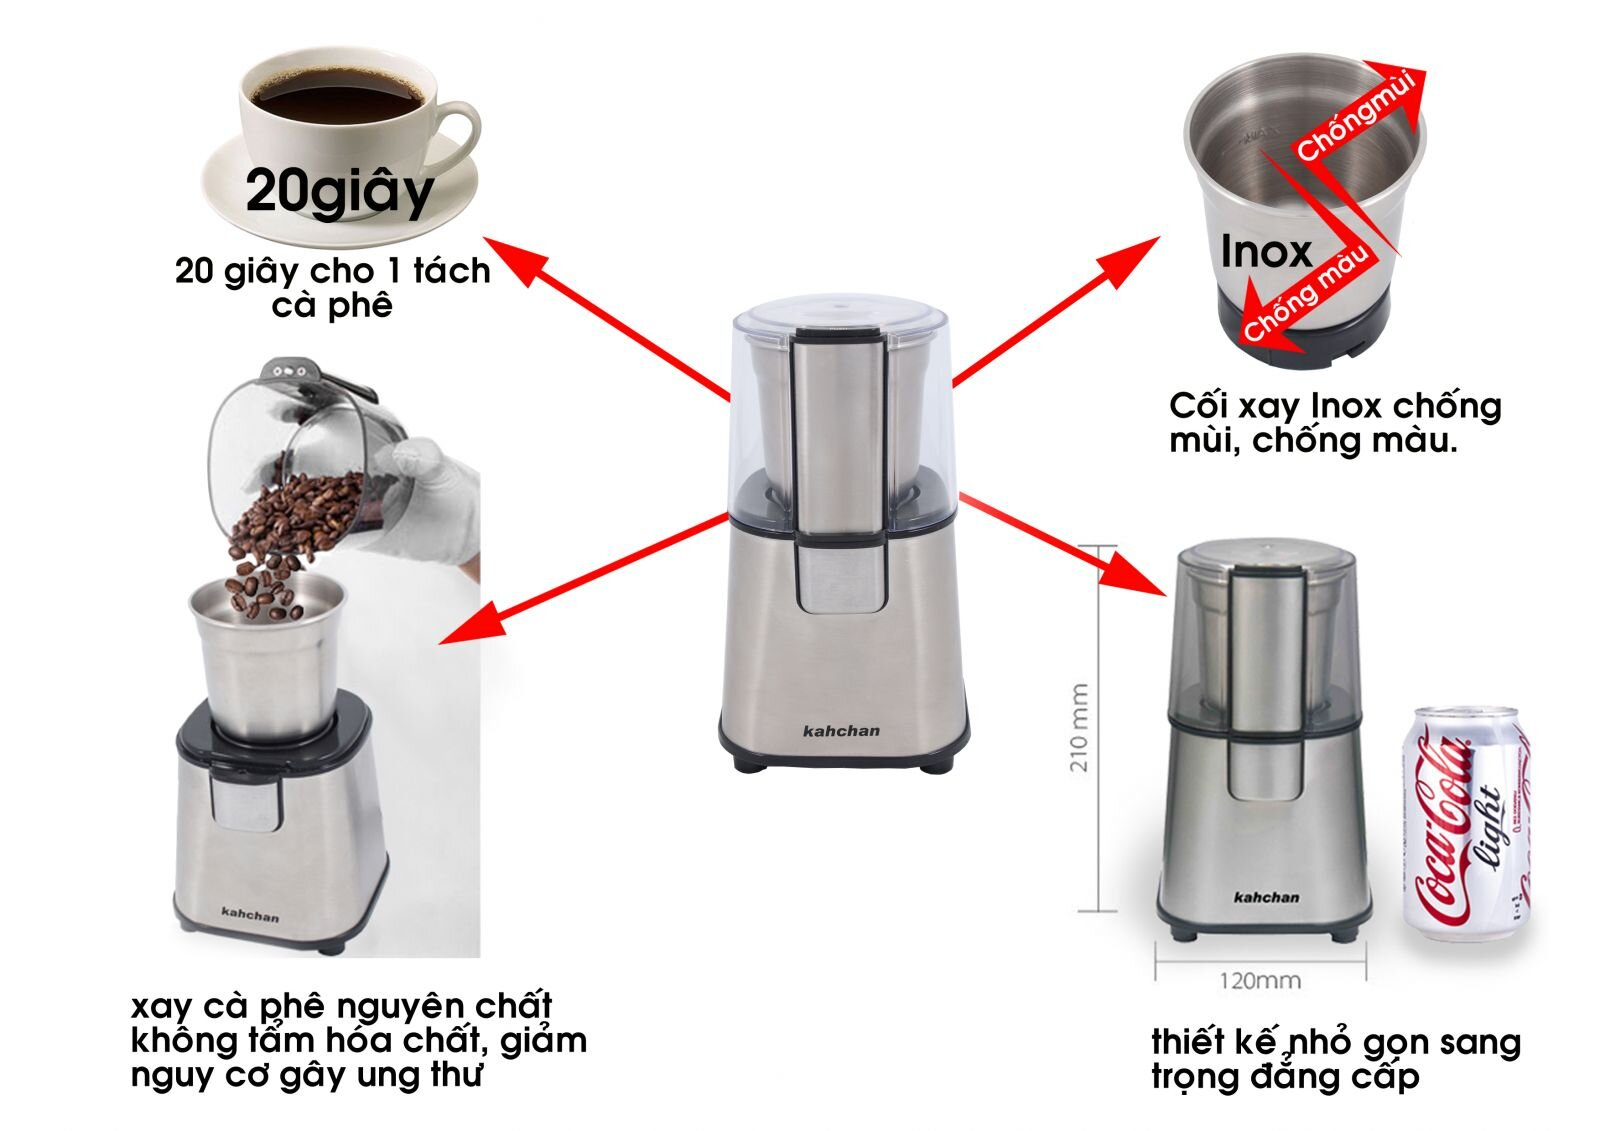 Máy xay cà phê đa năng Kahchan CG9100 180W